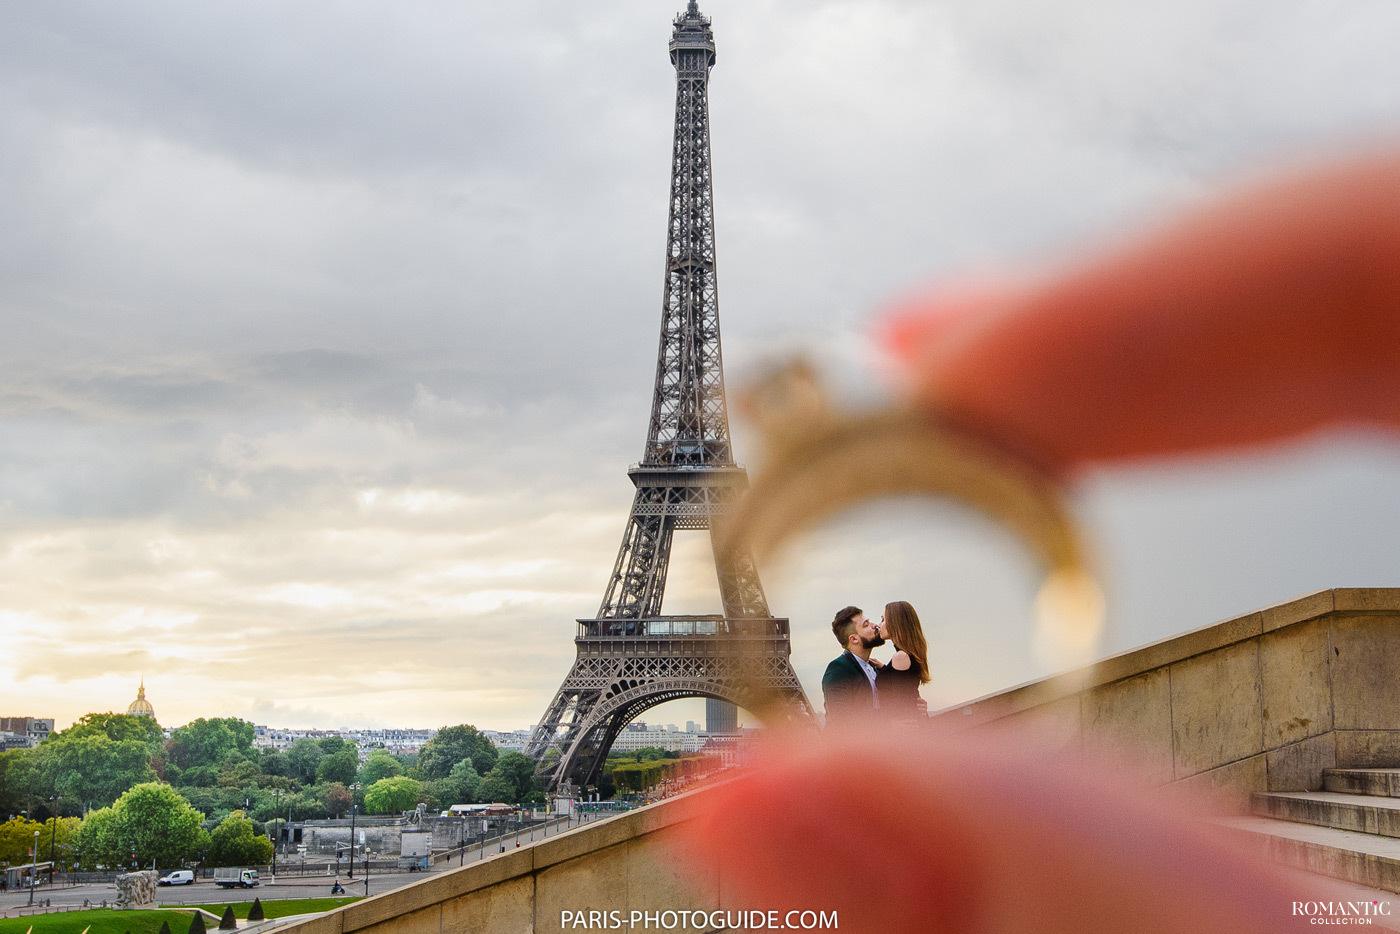 Предложение руки и сердца у Эйфелевой башни